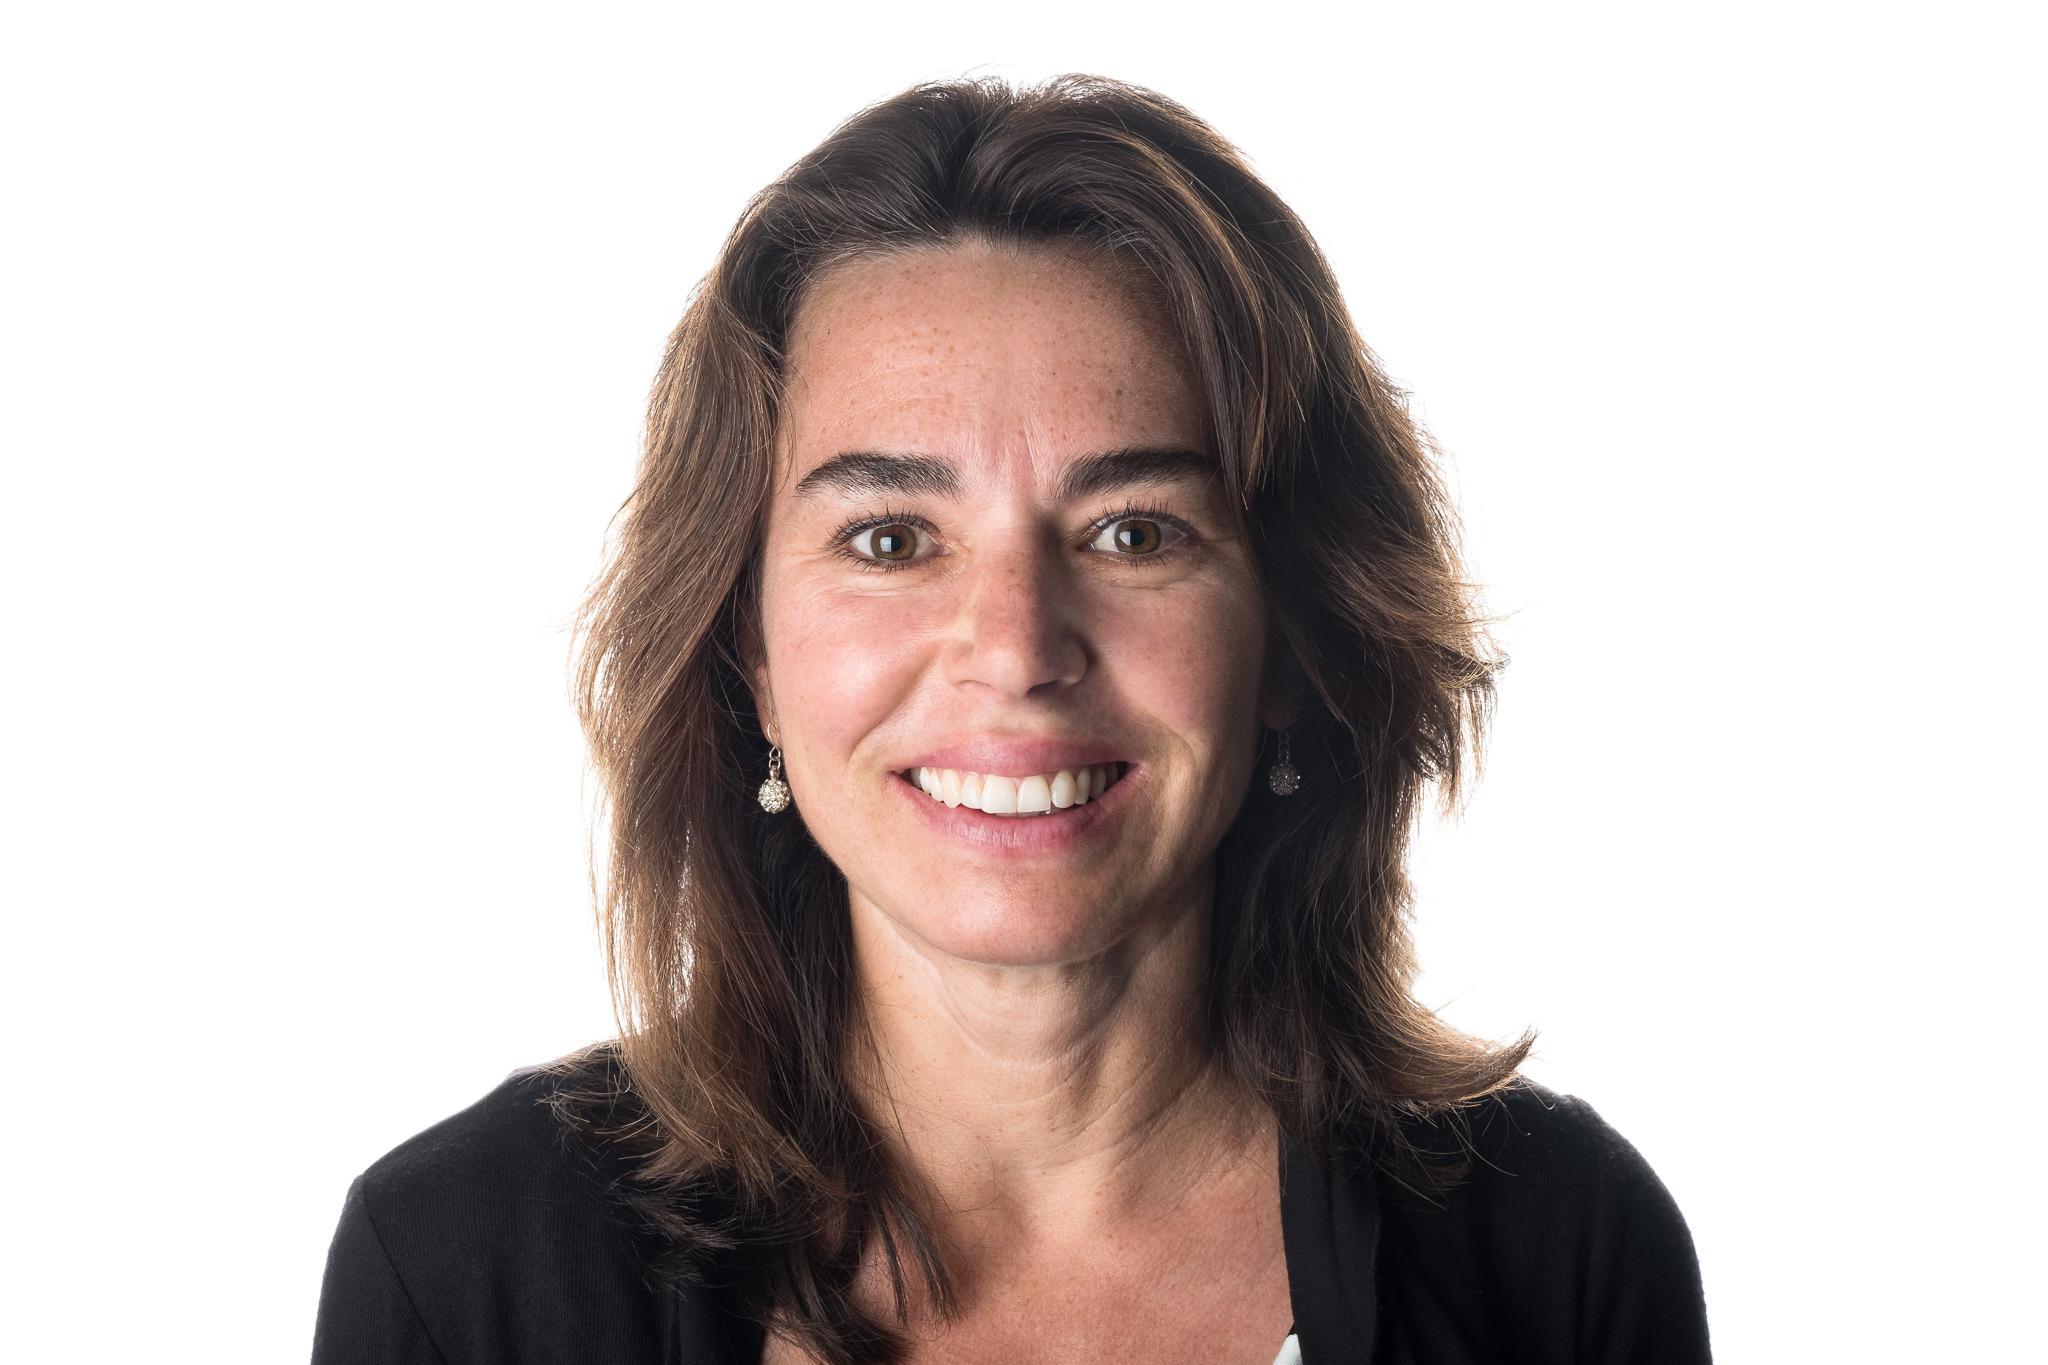 Nicole Jauch